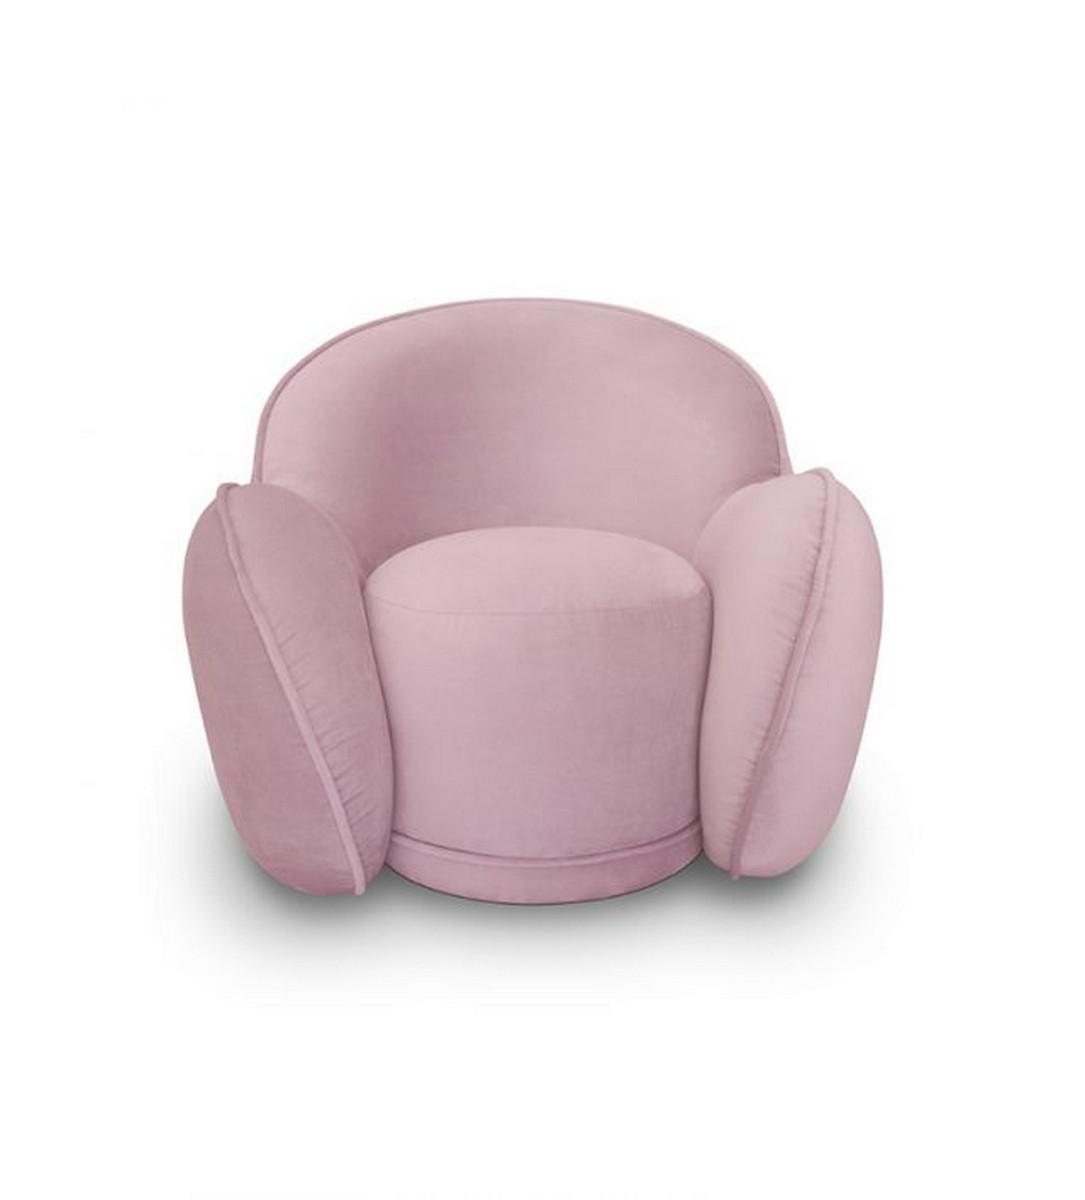 Diseño Moderno: Proyectos minimalistas que puedes encuentrar la simplicidad diseño moderno Diseño Moderno: Proyectos minimalistas que puedes encuentrar la simplicidad dainty armchair circu magical furniture 1 2 640x708 1